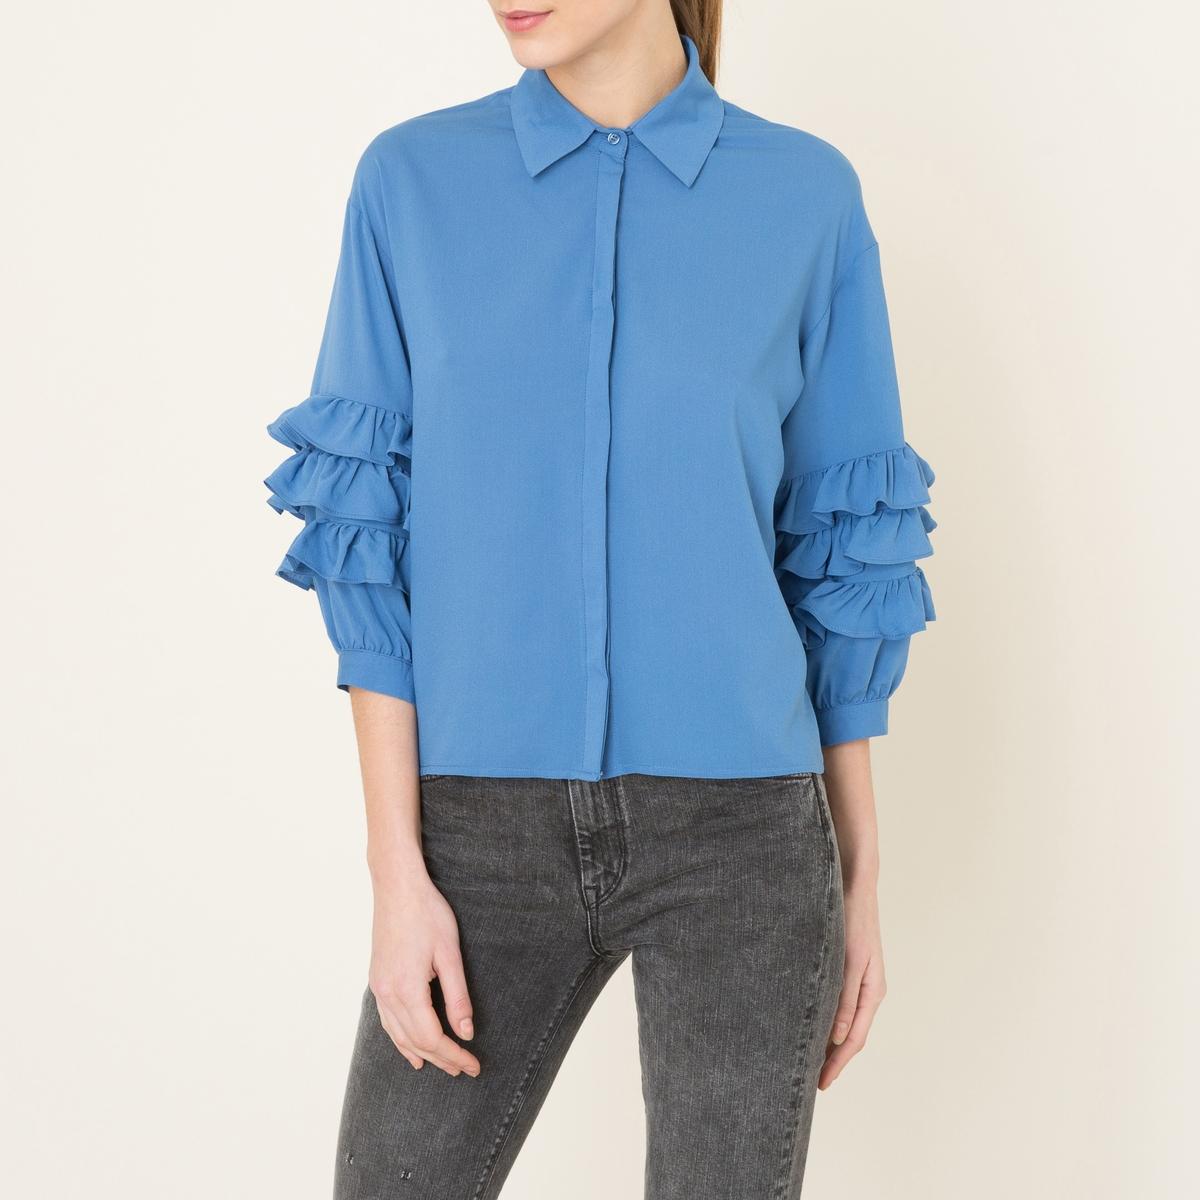 Рубашка с воланамиСостав и описание     Материал : 65% вискозы, 32% полиэстера, 3% эластана    Марка : SISTER JANE<br><br>Цвет: синий